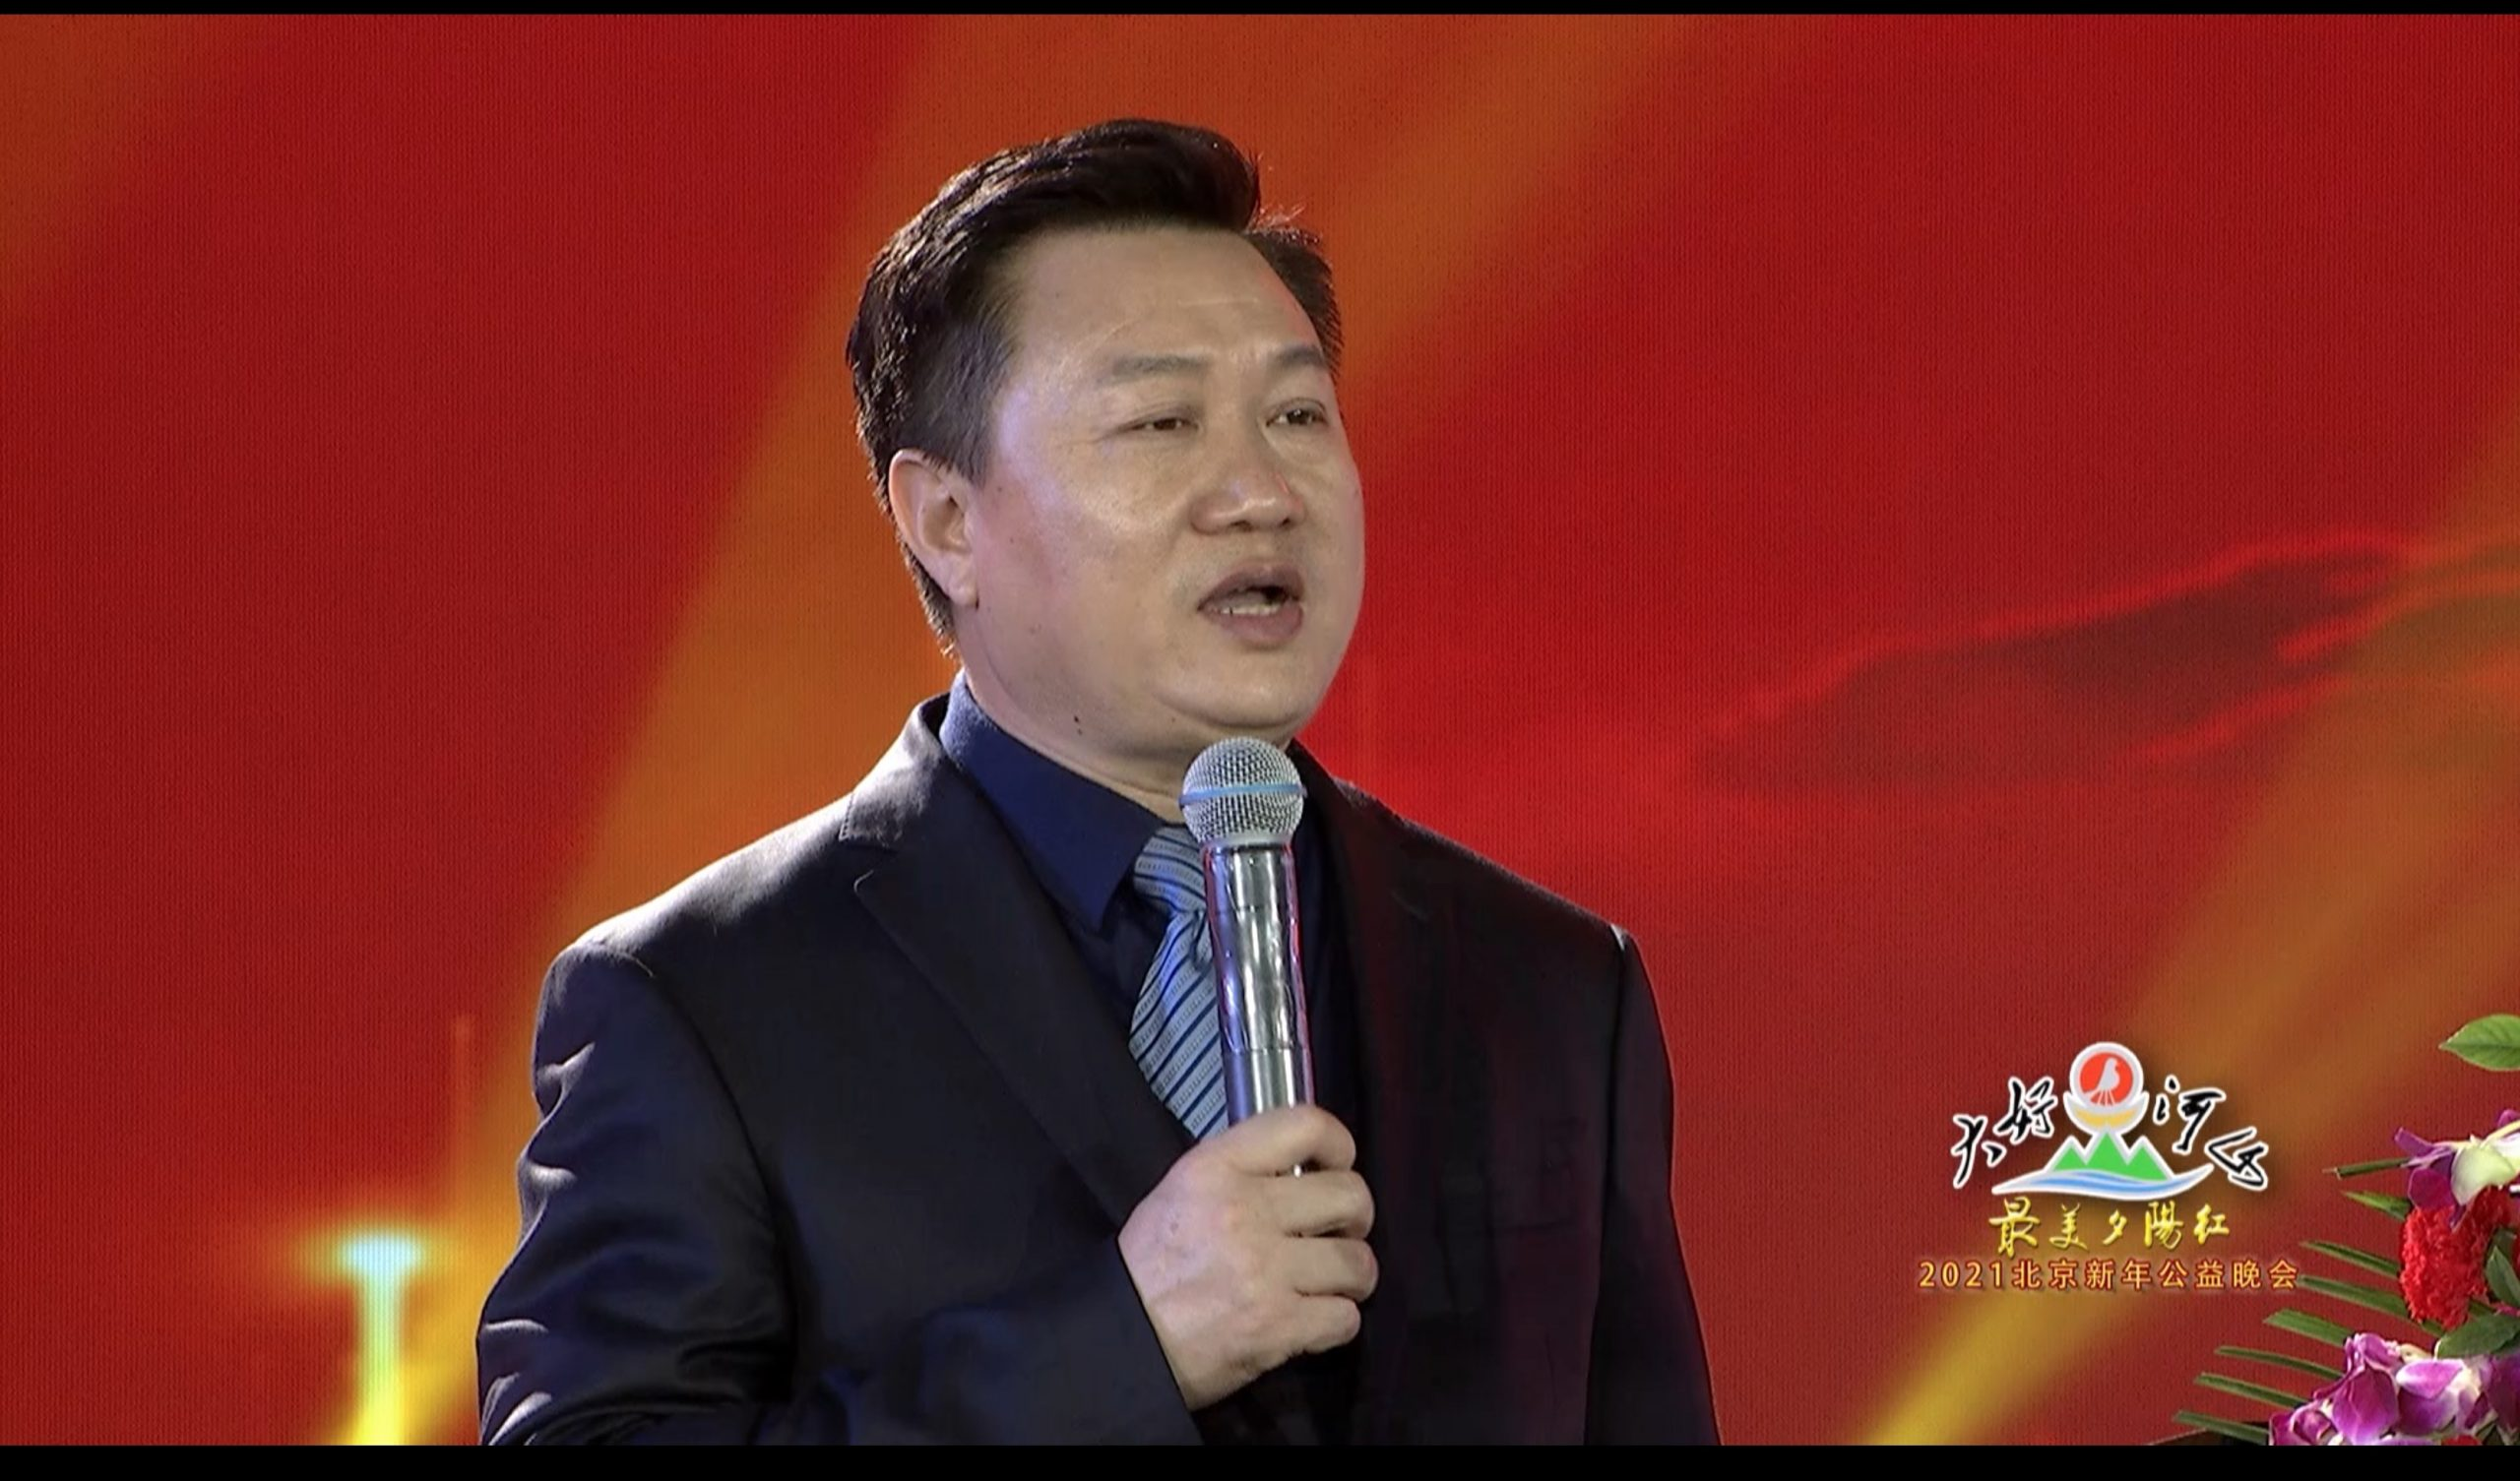 2021北京新年公益晚会 董事长致辞